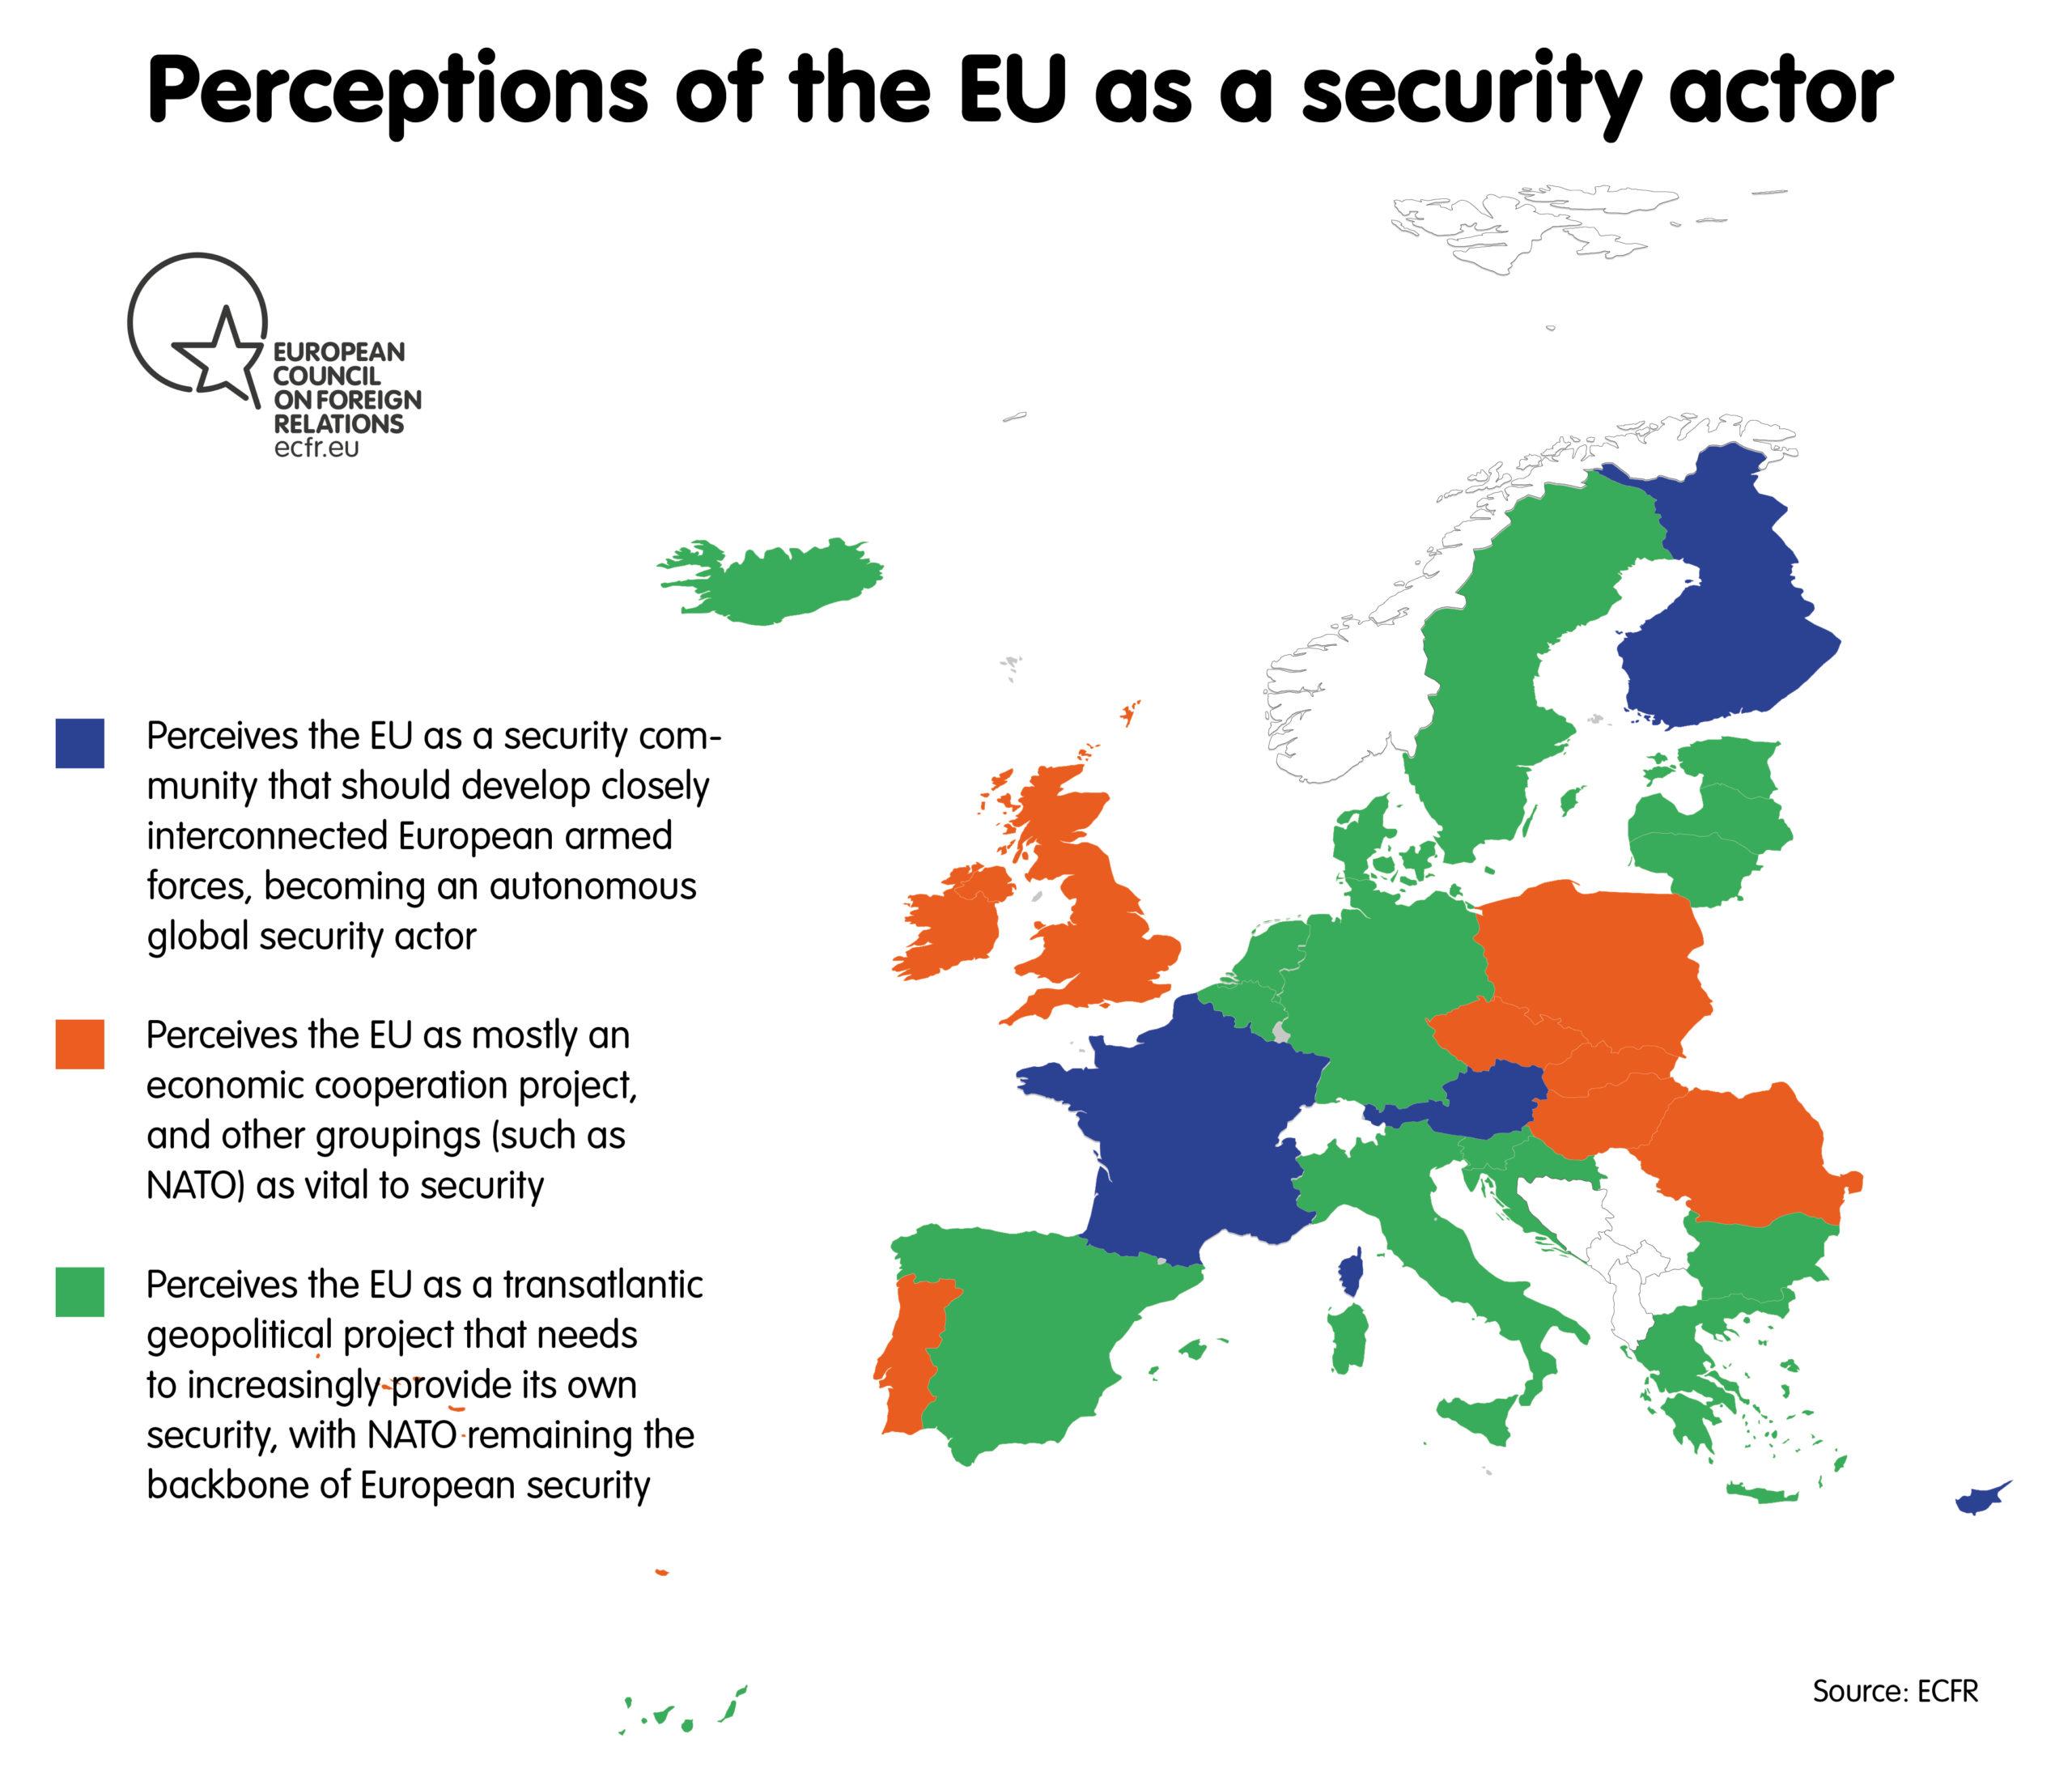 Unidos en la seguridad - ¿Hacia un sistema europeo de defensa mutua?